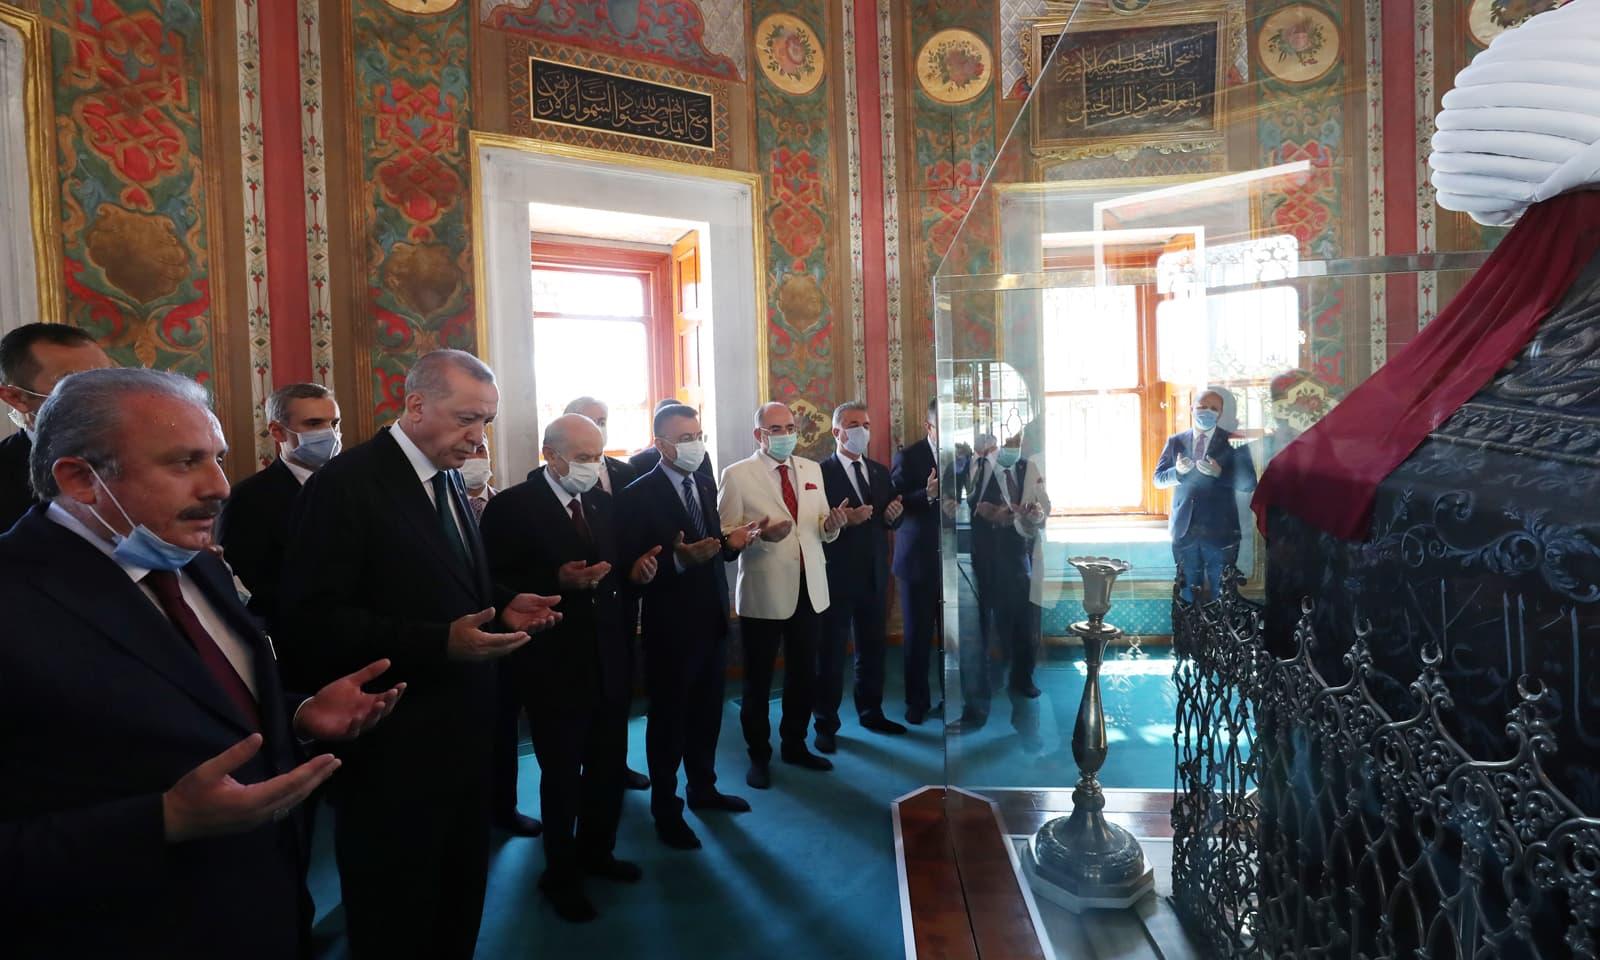 ترک صدر نے نمازِ جمعہ کی ادائیگی کے بعد خلافت عثمانیہ کے  سلطان مہمت کے مقبرے  پر فاتحہ پڑھی— فوٹو:رائٹرز